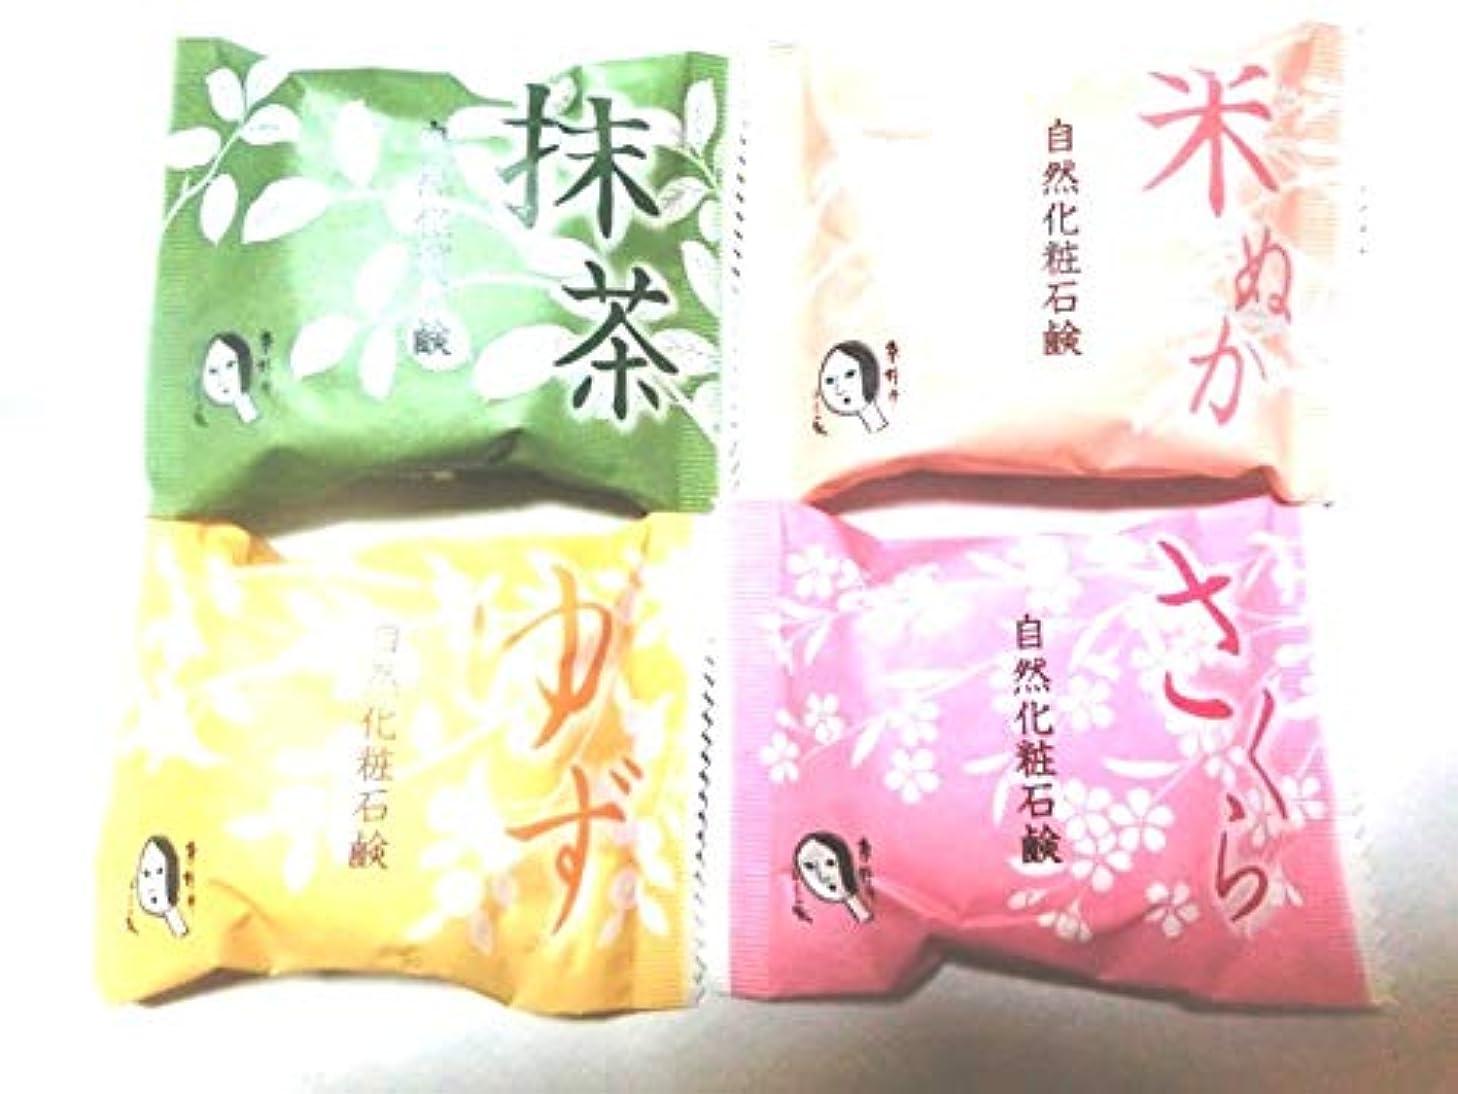 弱まるマーチャンダイジング全体よーじや 自然化粧石鹸 50g (さくら)